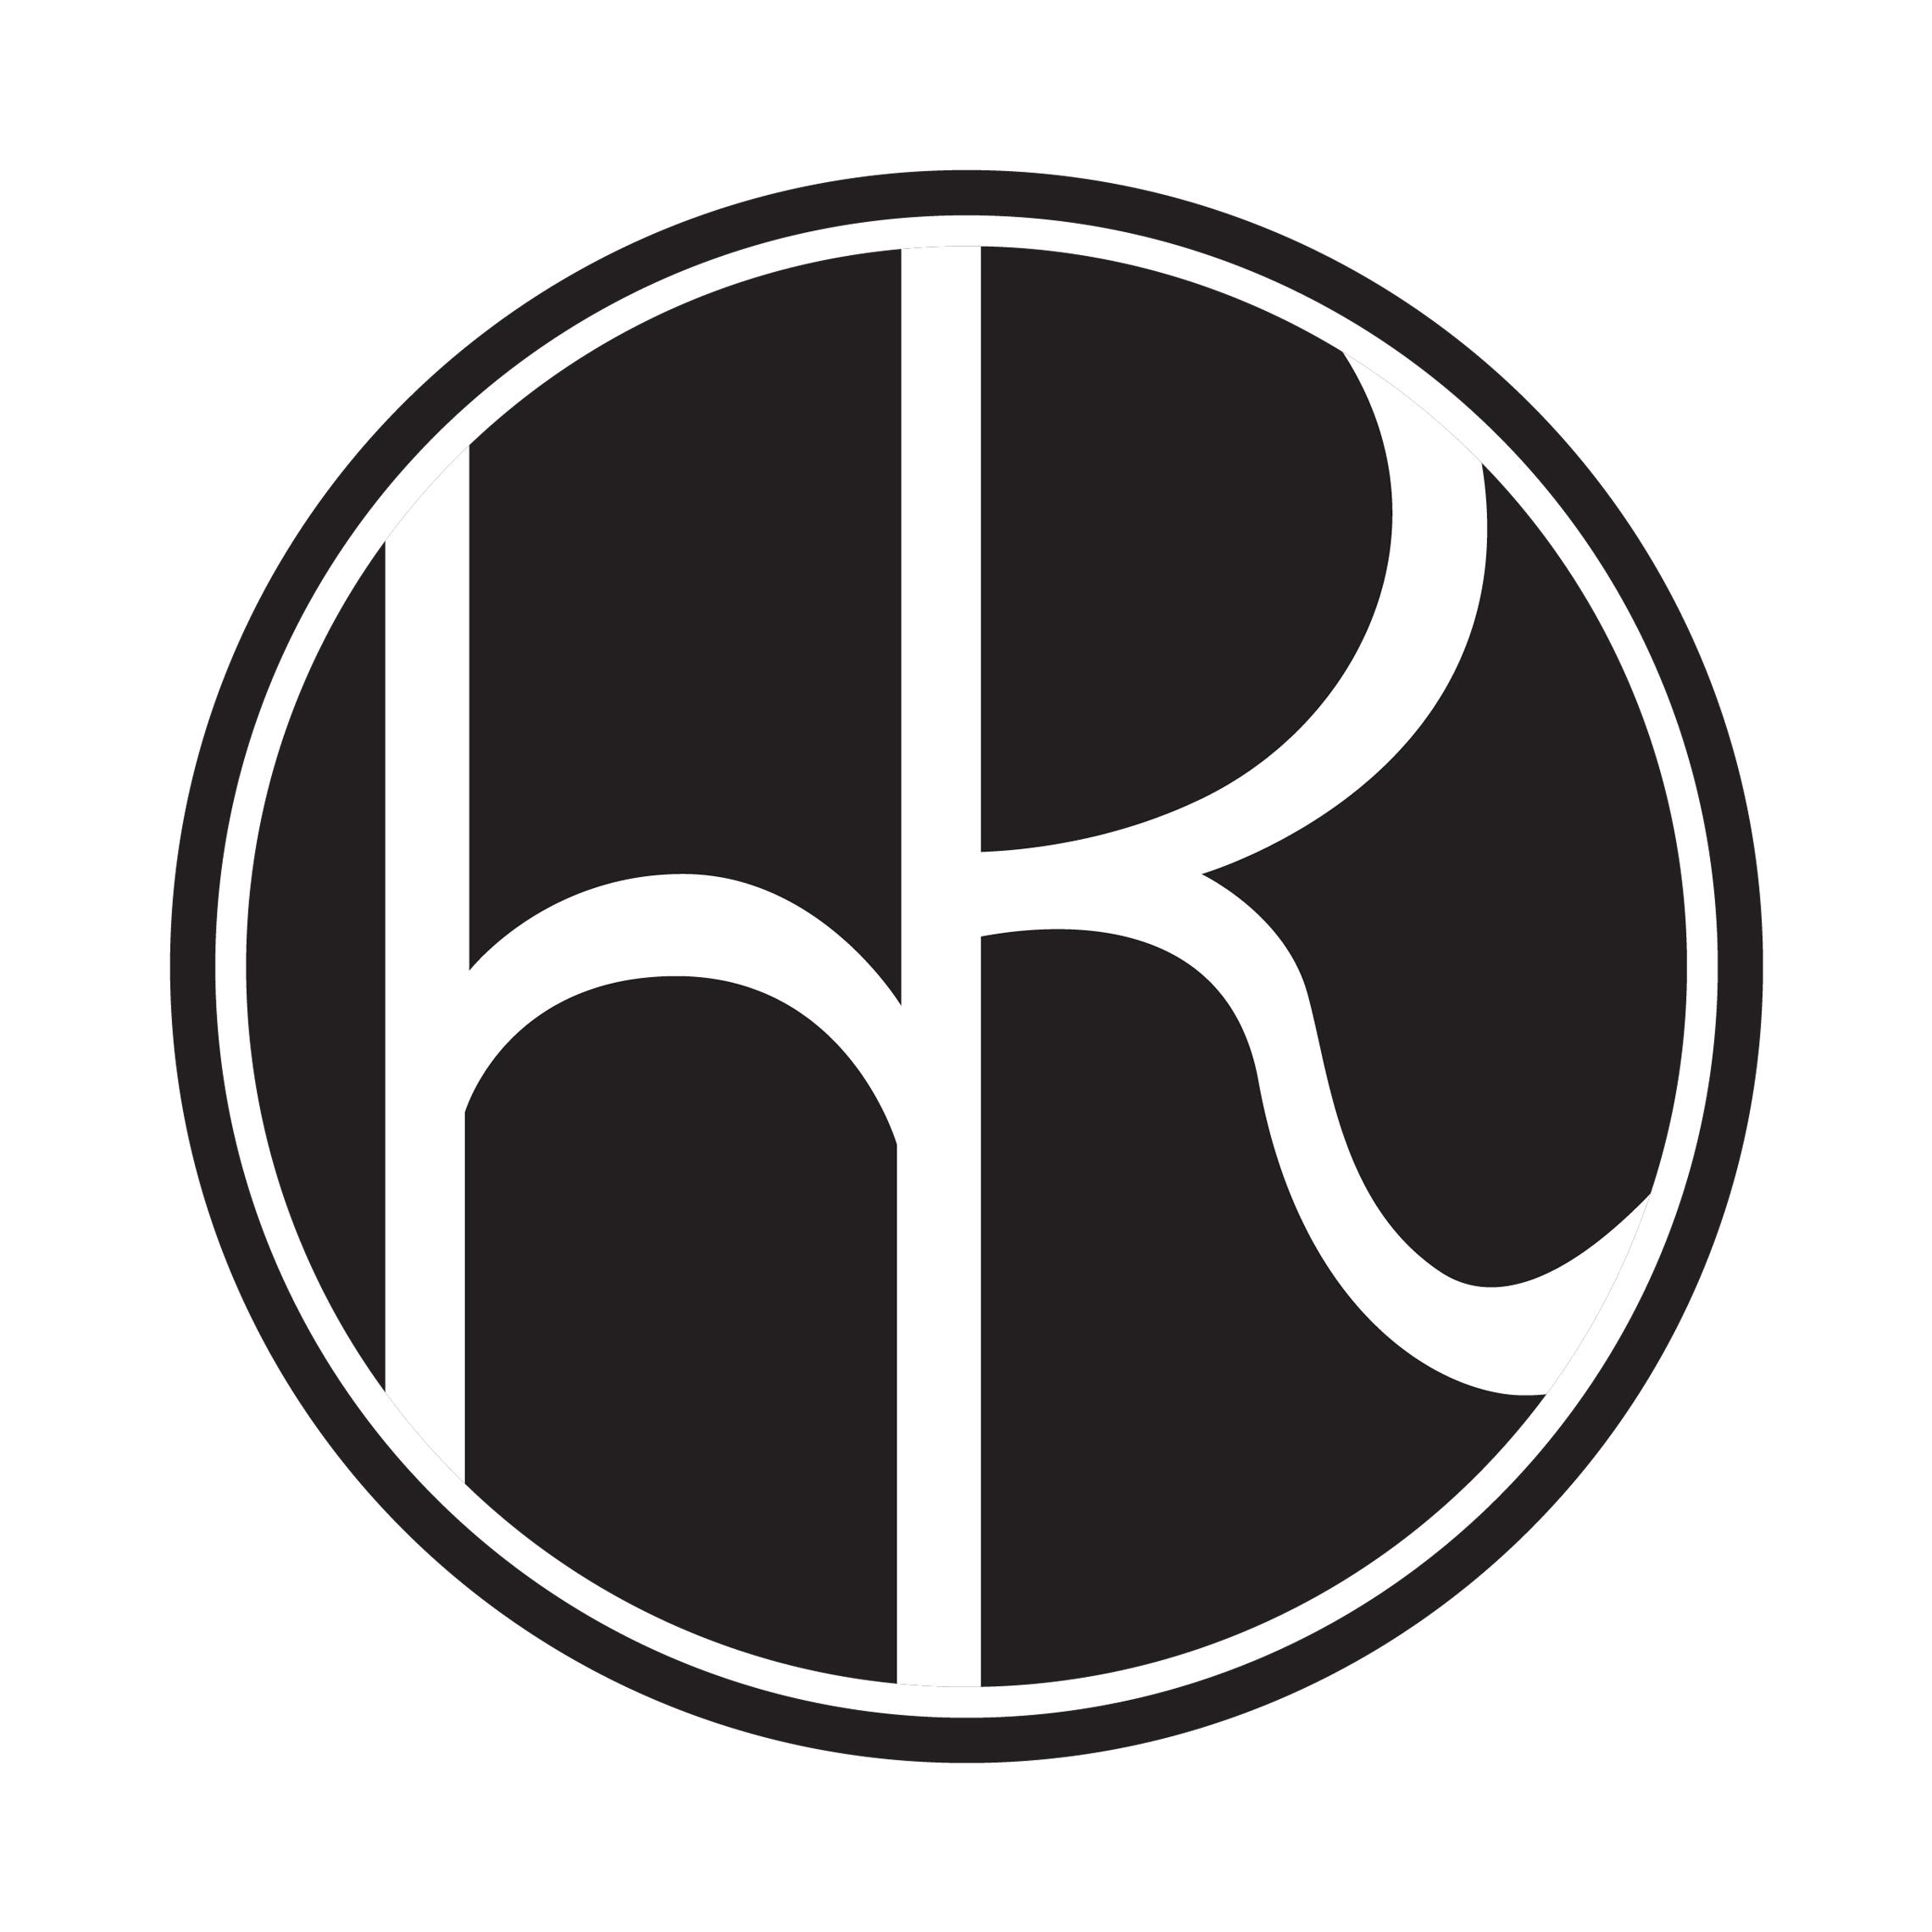 hauterobe- company logo